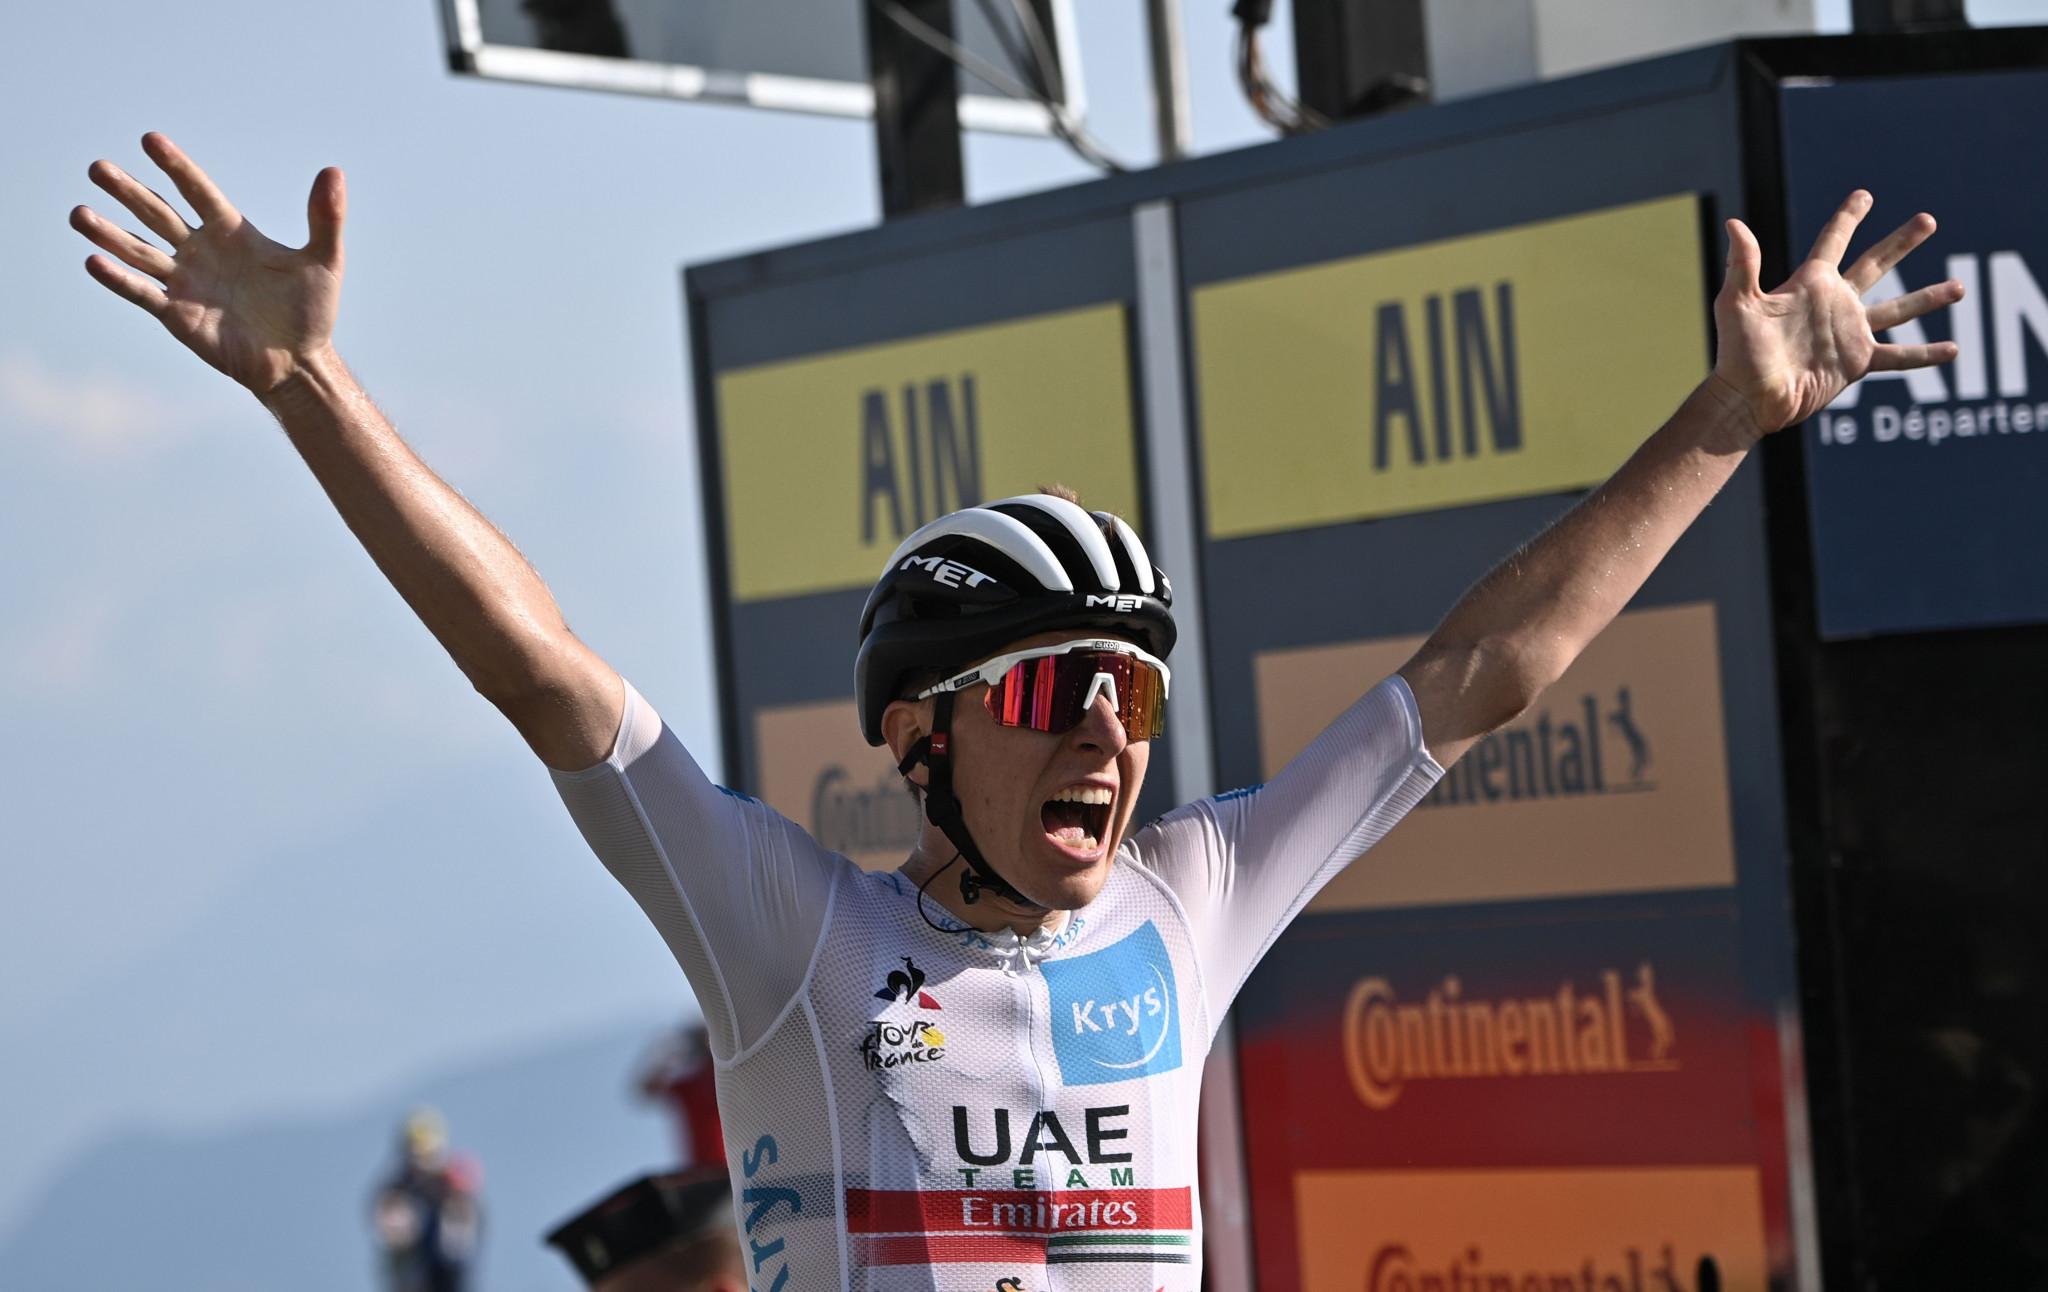 Pogačar edges Roglič for stage win on key day at Tour de France